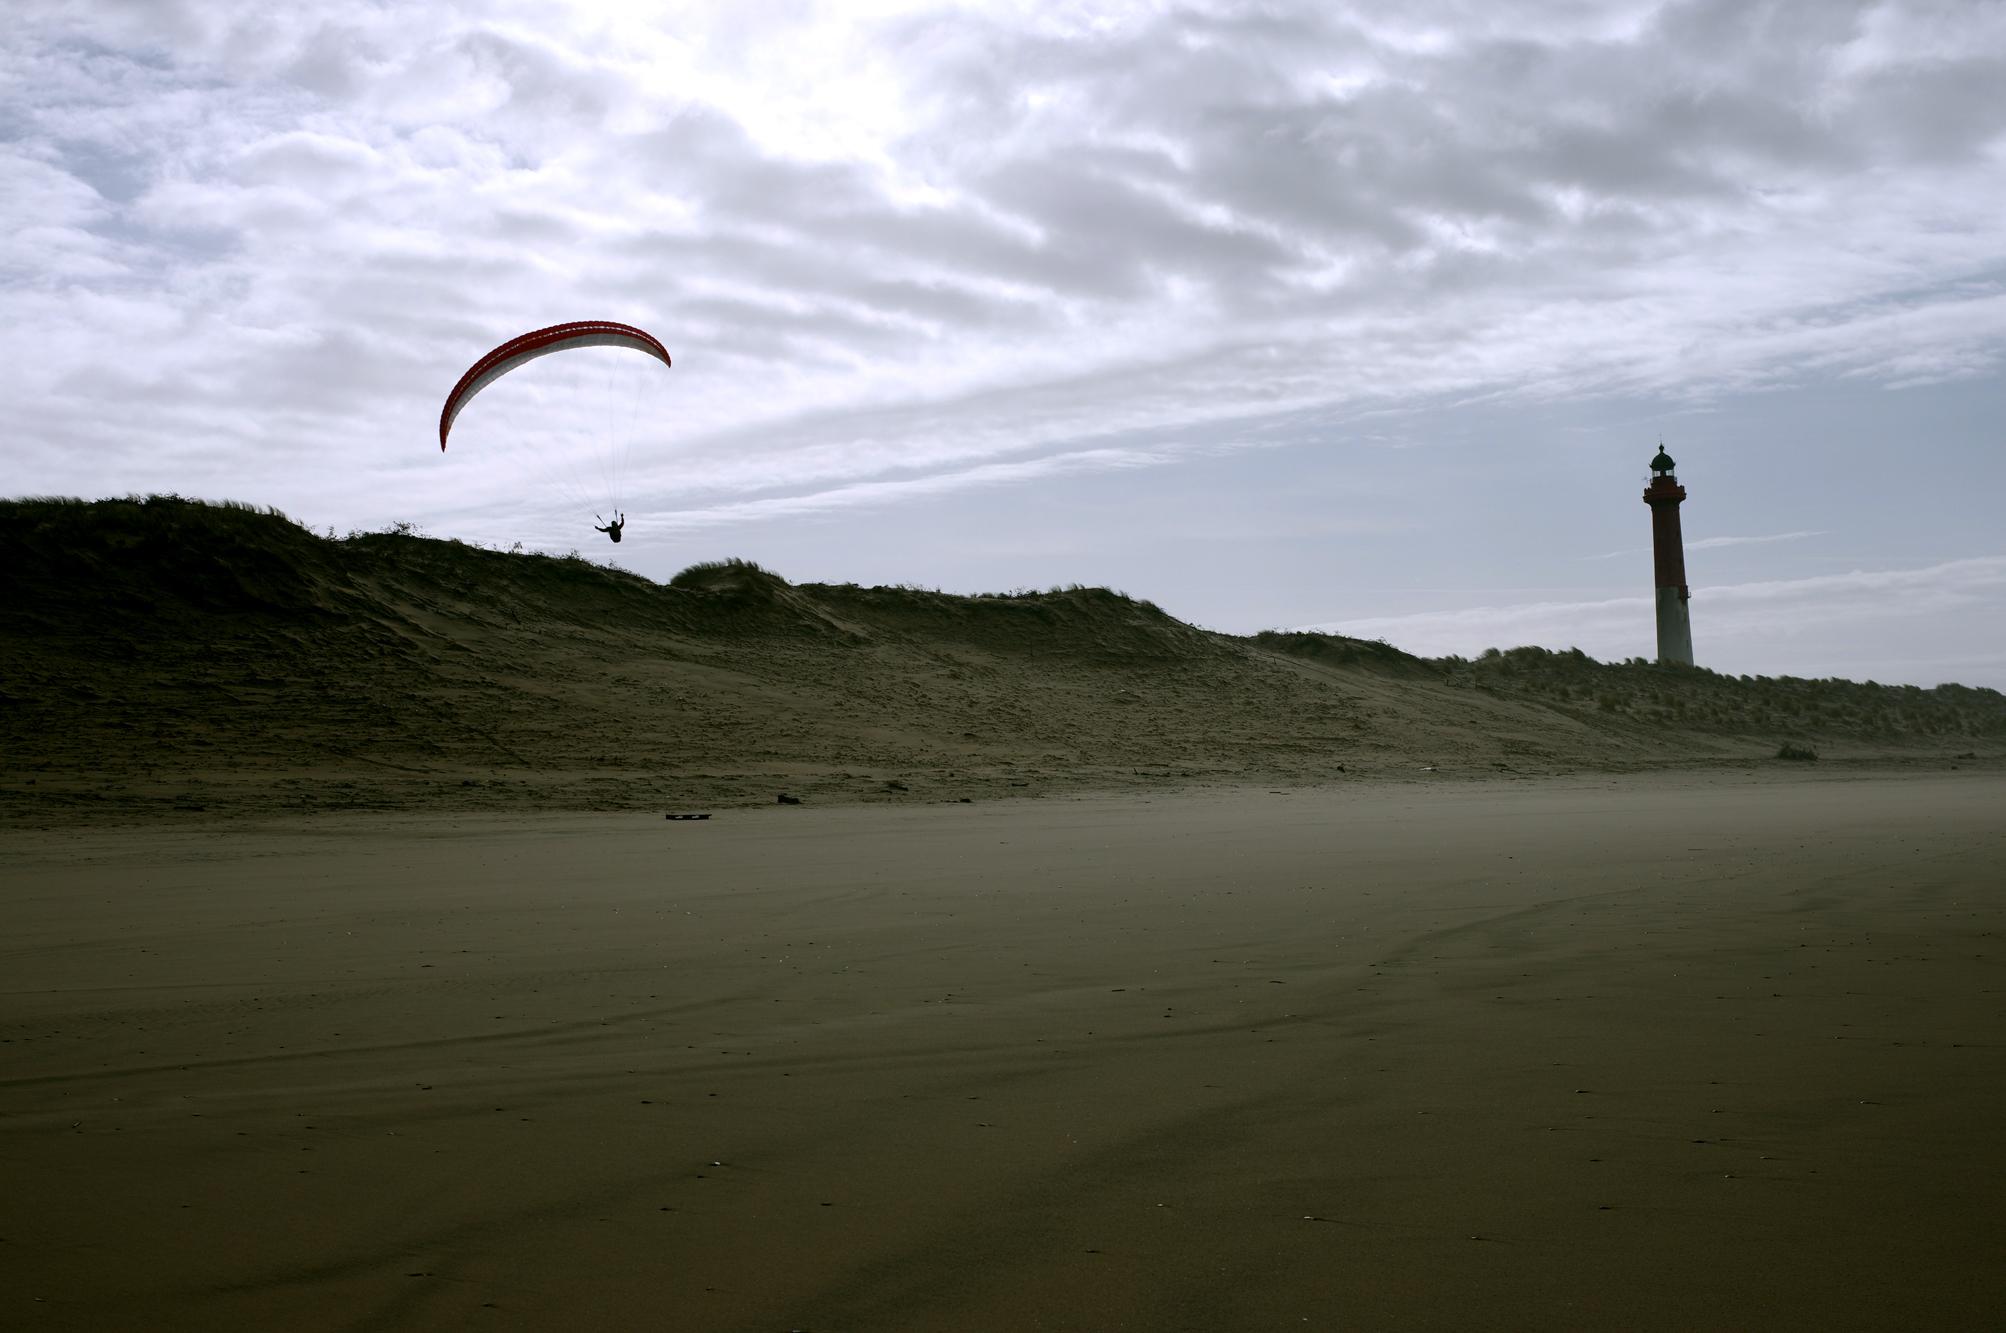 parapente des dunes